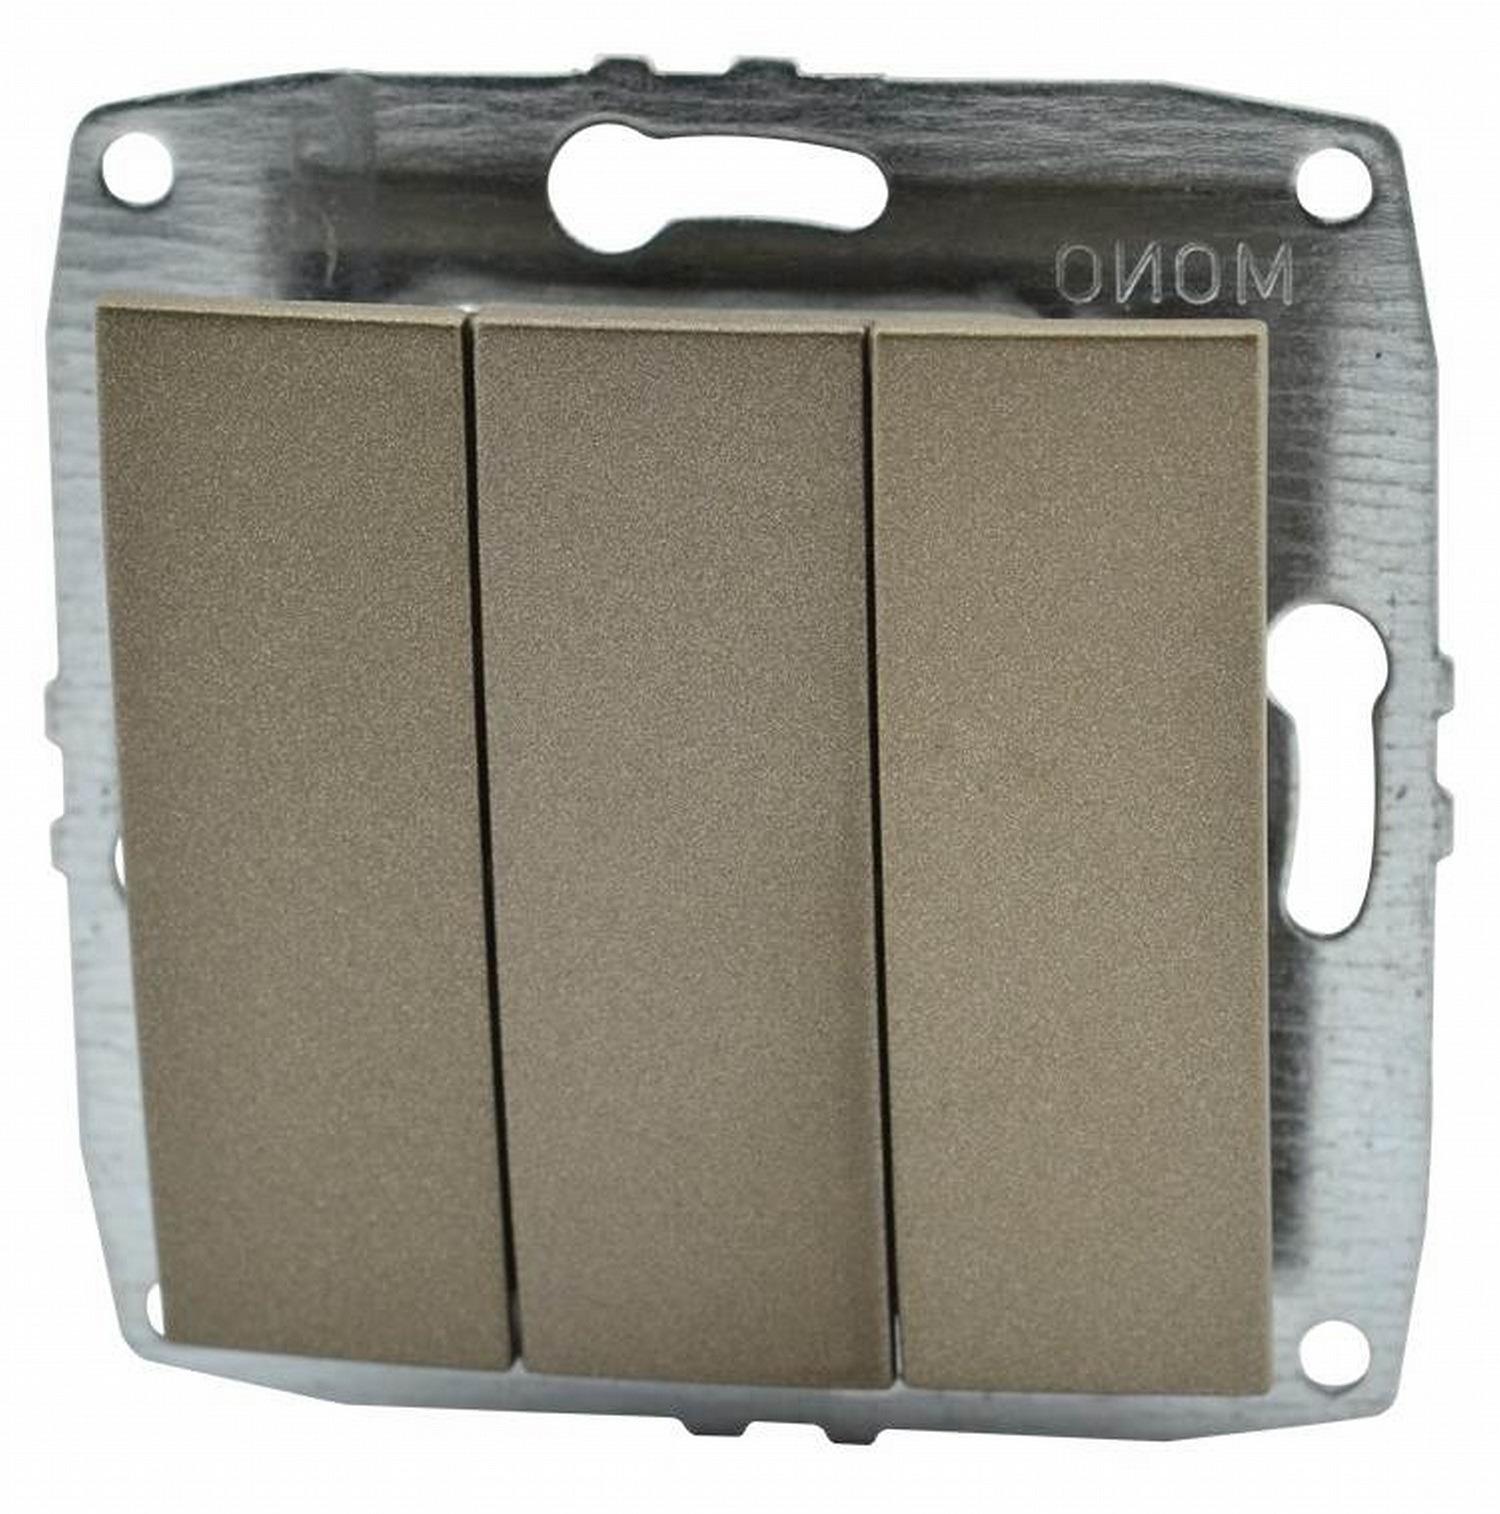 Выключатель Mono D/L 3кл бронза (механизм) 500-002322-114 фото